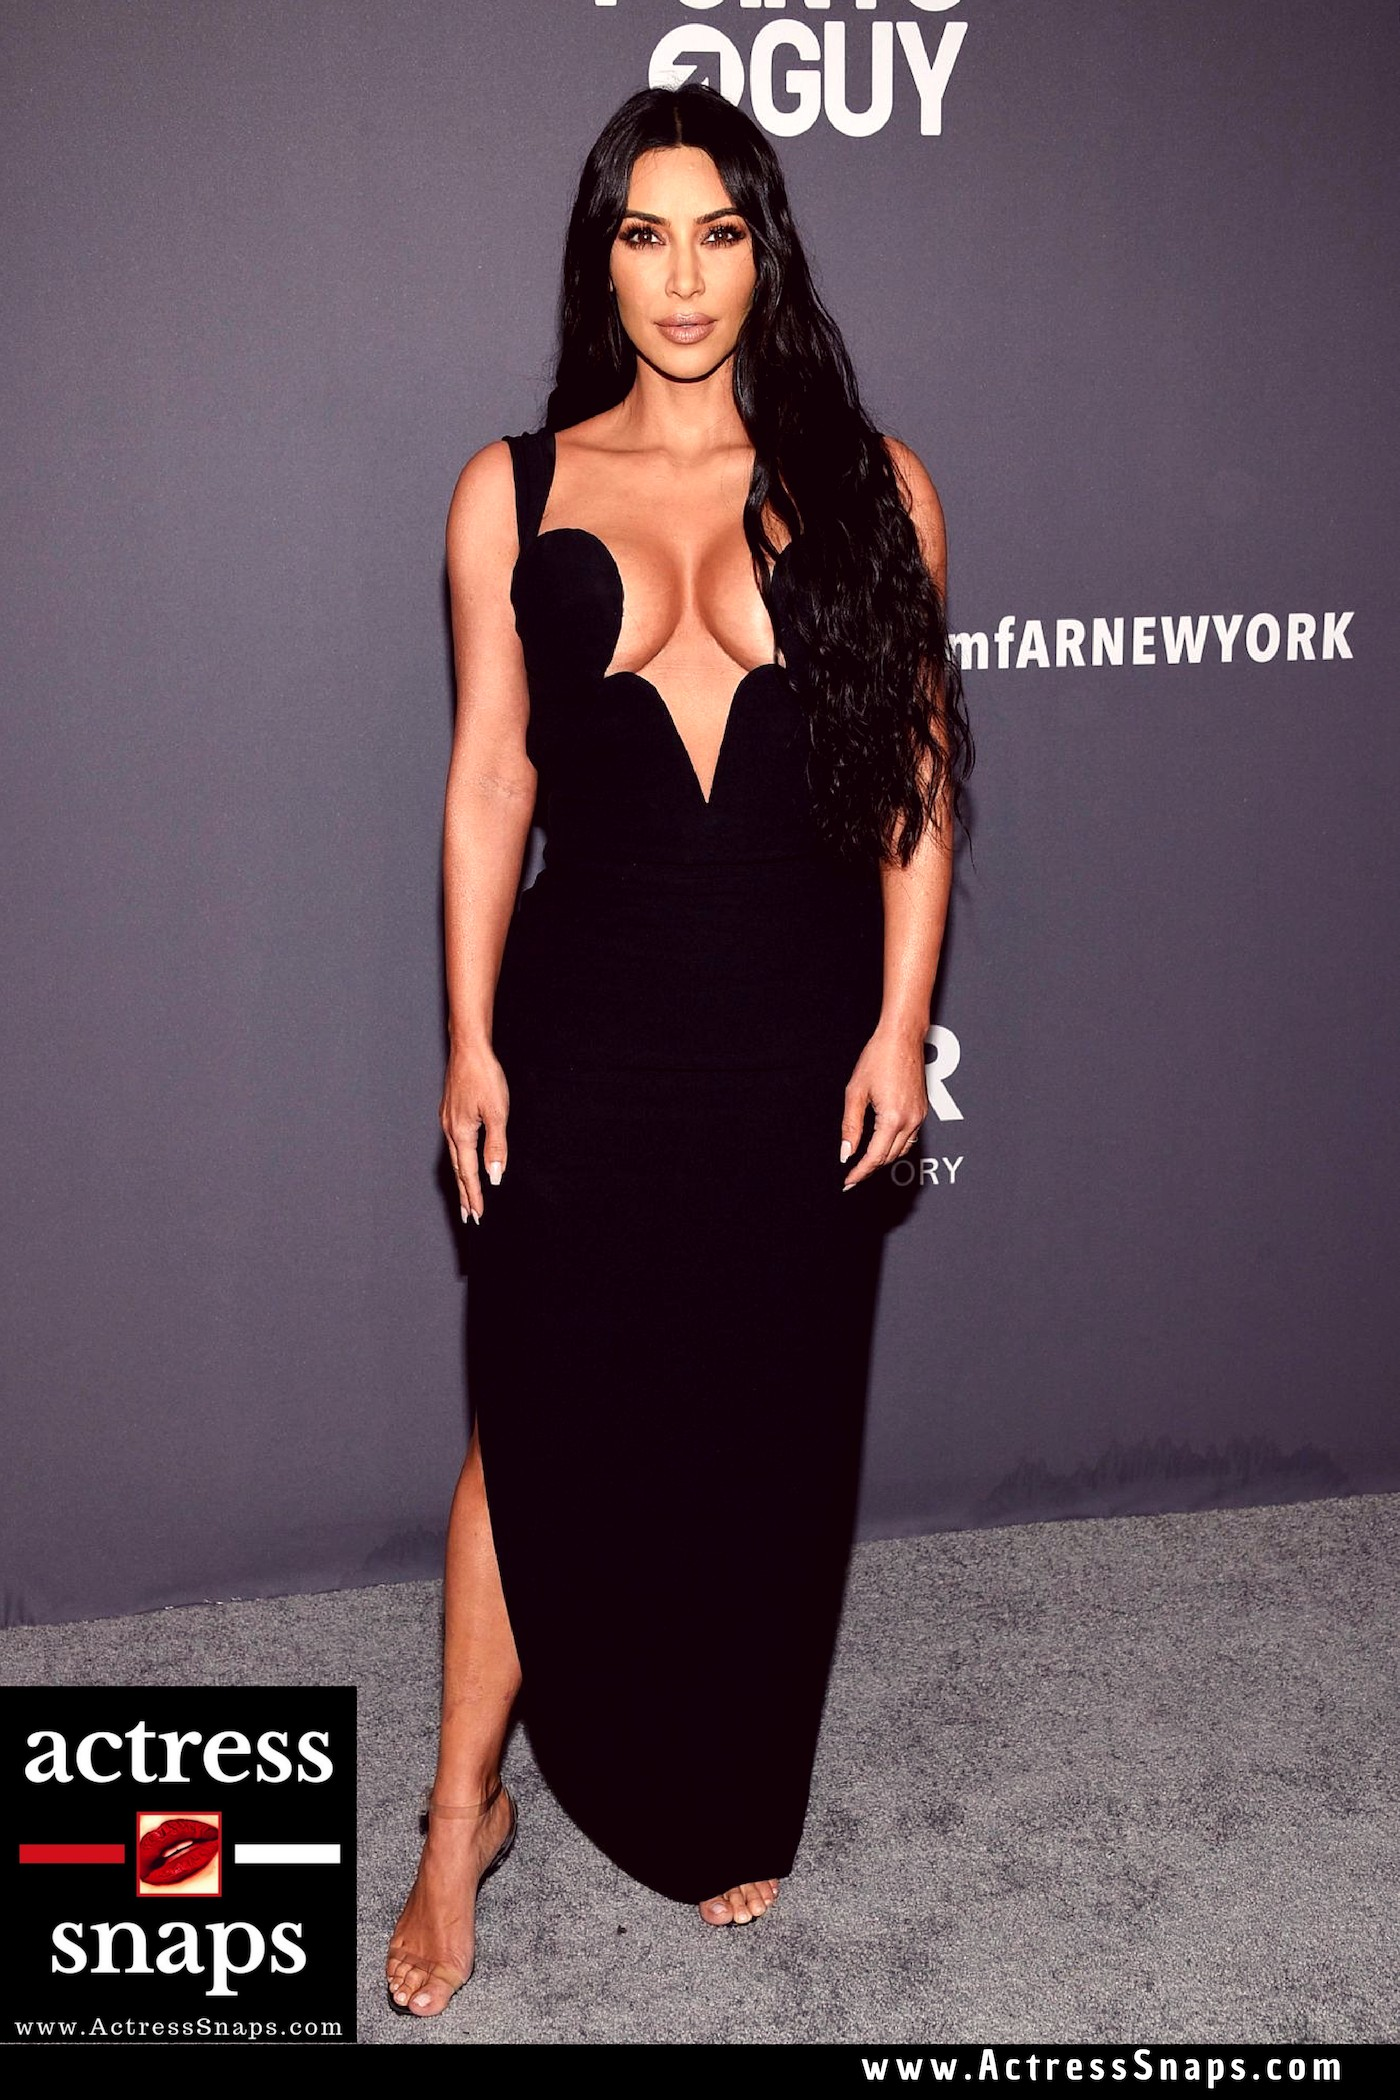 Kim Kardashian at amfAR 2019 Gala - Sexy Actress Pictures | Hot Actress Pictures - ActressSnaps.com